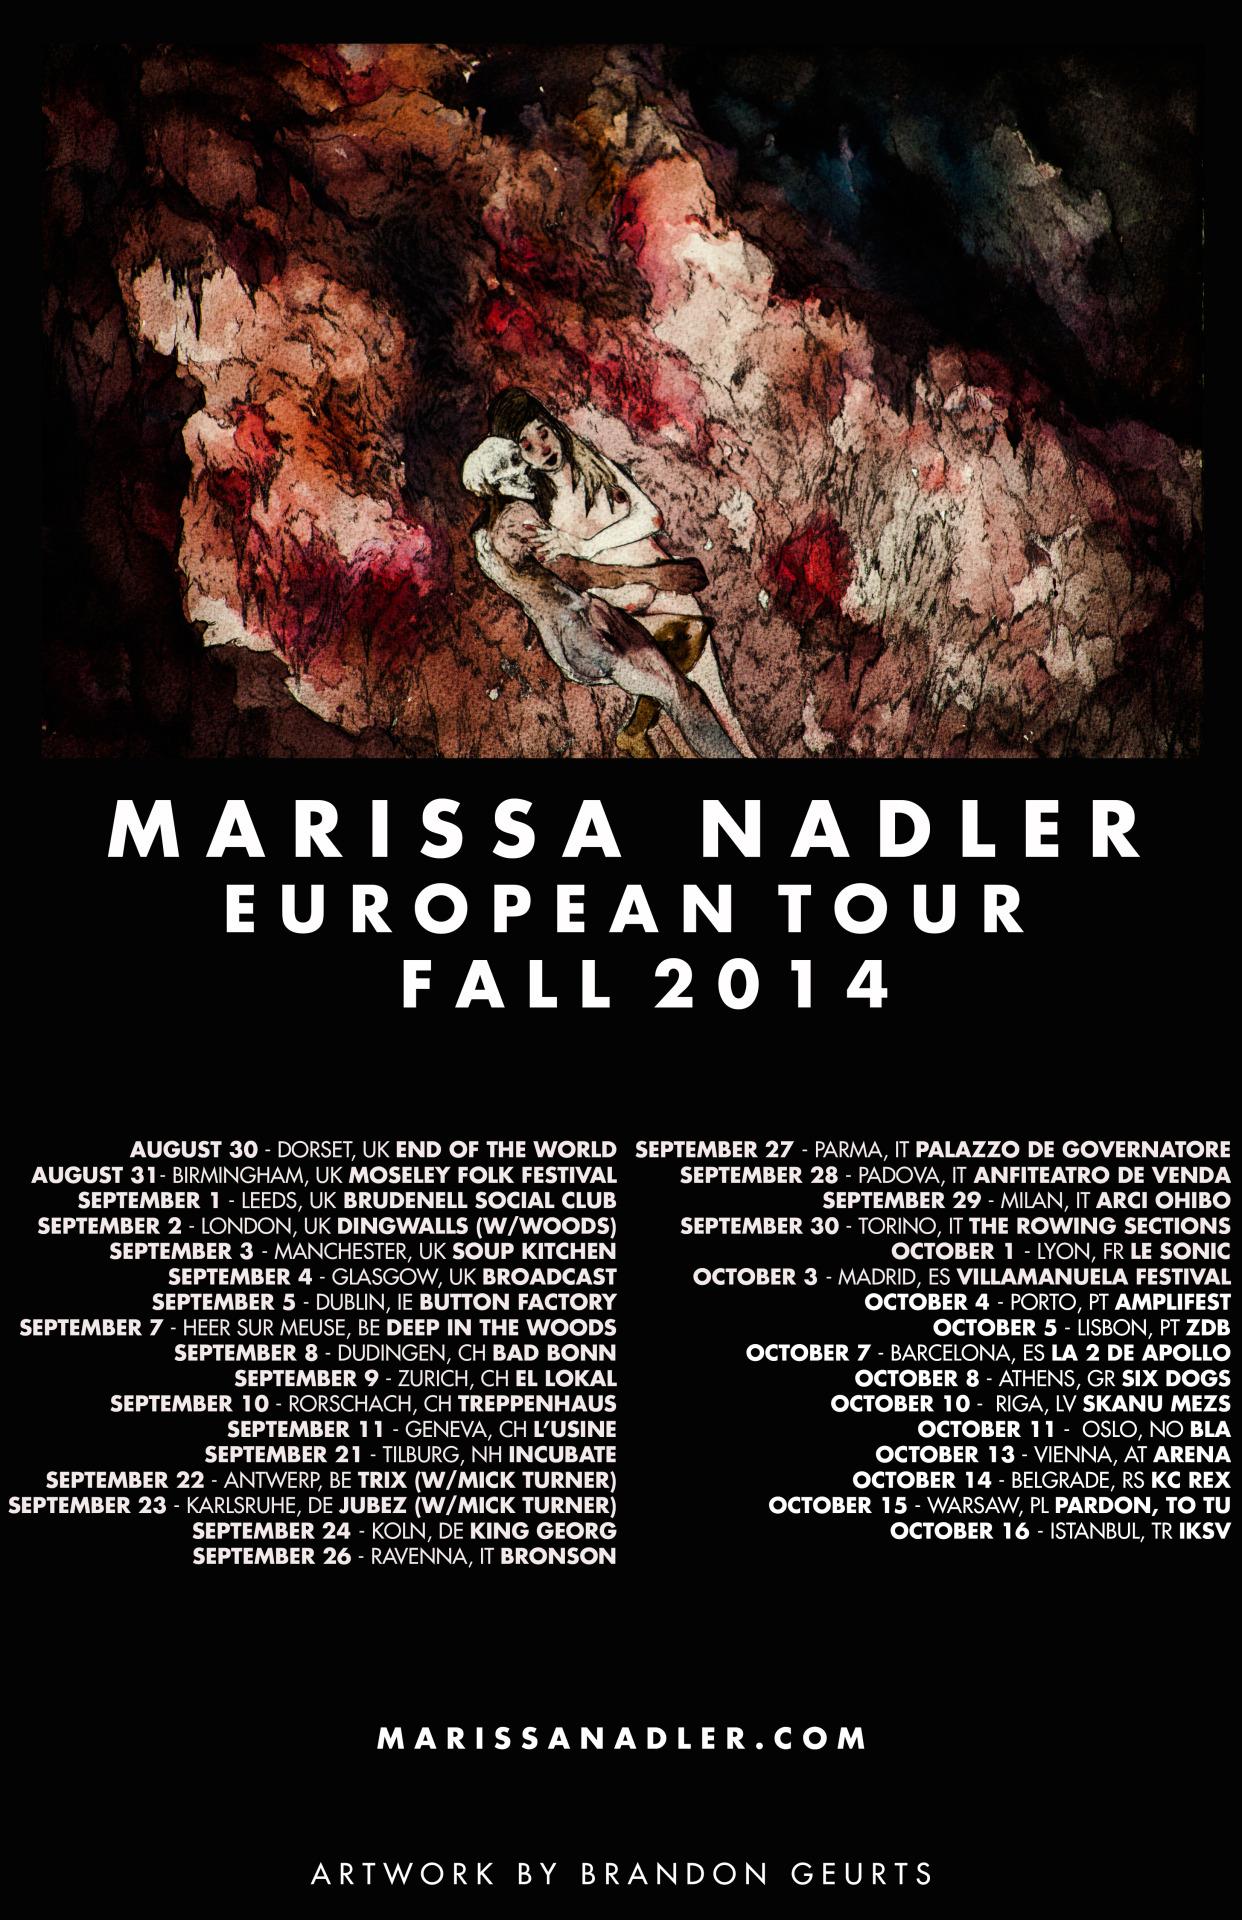 2014. Tour poster for Marissa Nadler.